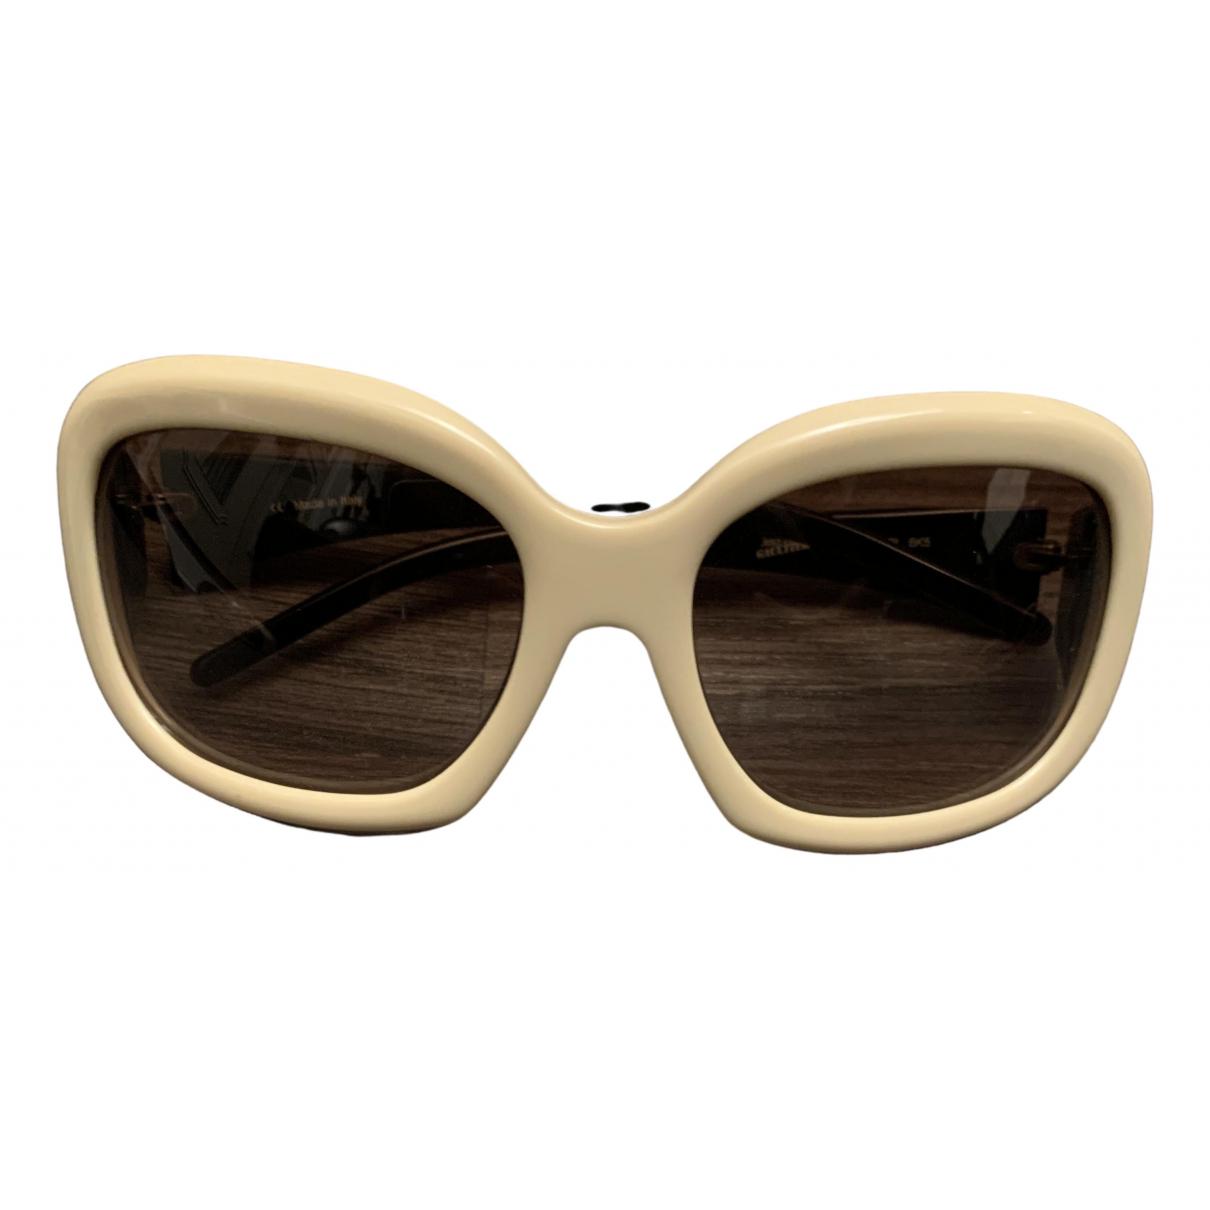 Jean Paul Gaultier - Lunettes   pour femme - beige